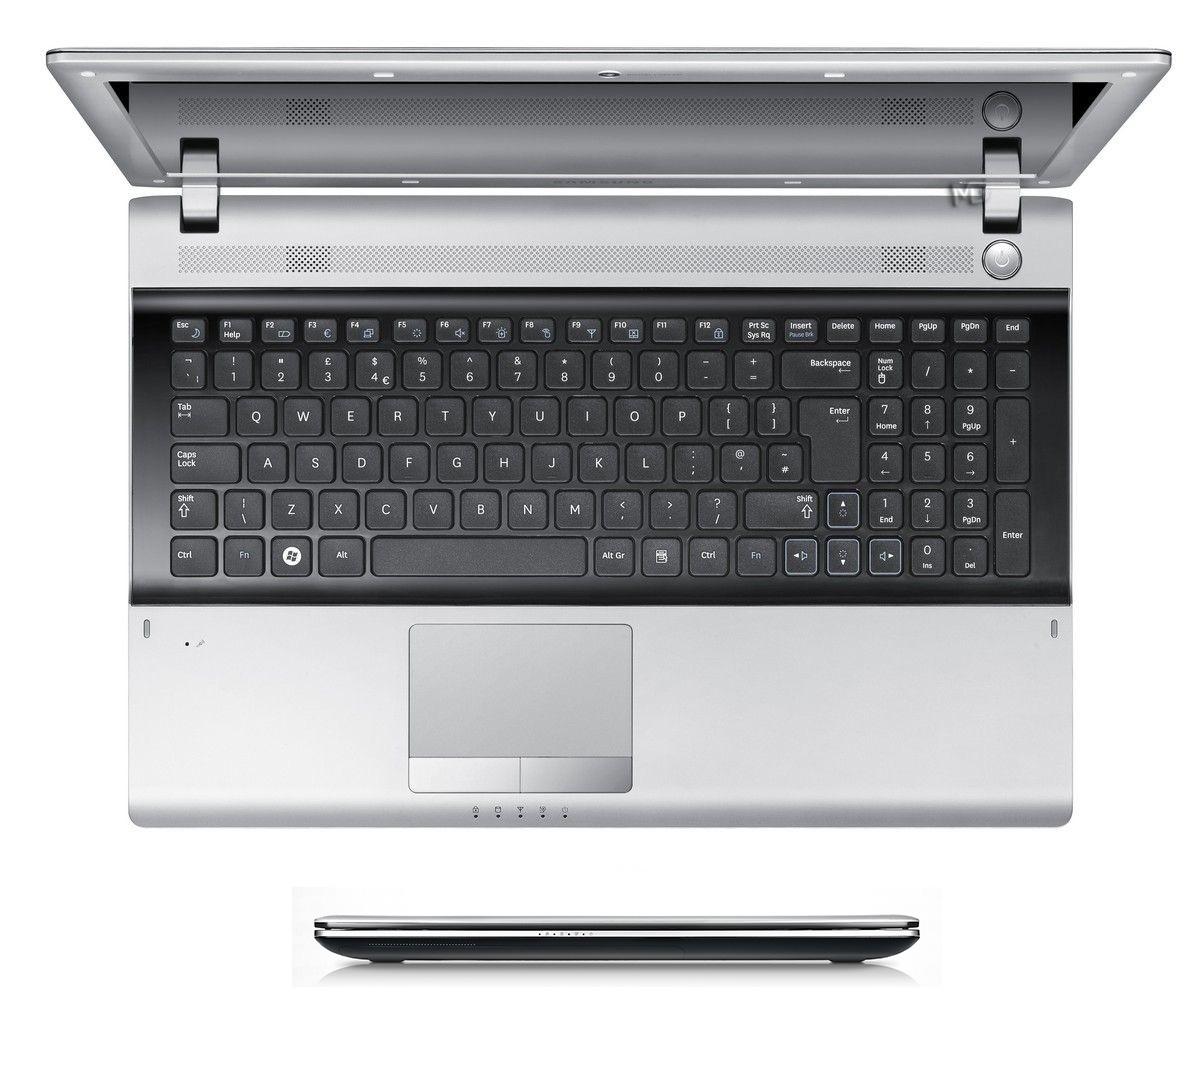 سامسونگ لپ تاپ با مشخصات خوب و مناسب